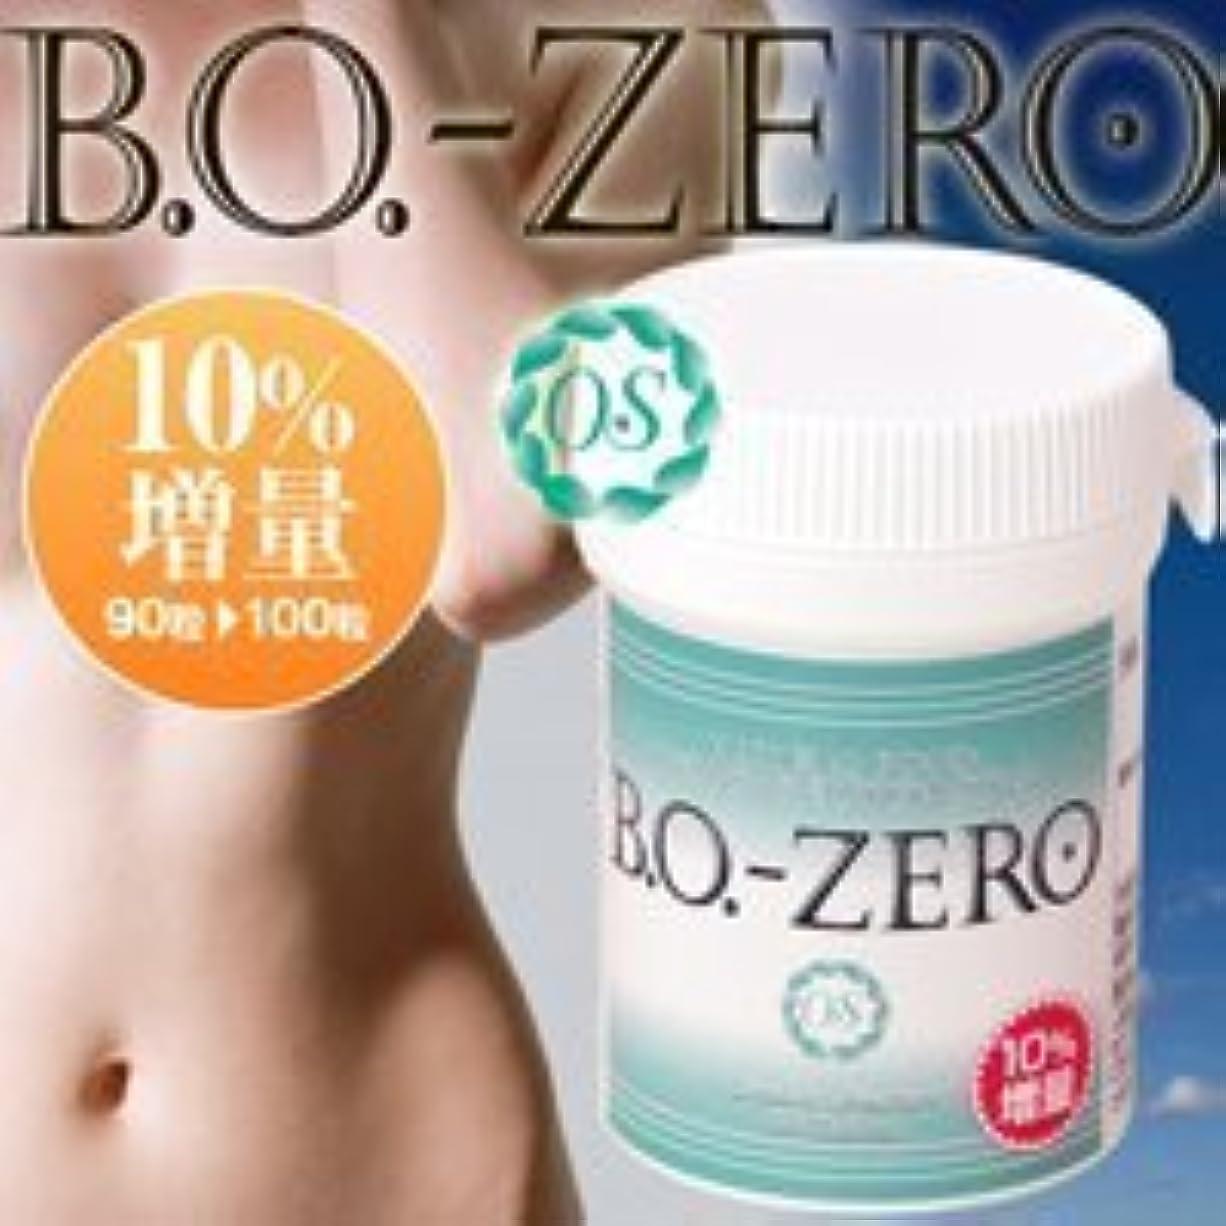 気取らないジョブマウスピースBO ZERO (ビーオー ゼロ) 10%増量×2個セット♪  体臭 口臭 汗臭 ワキガ などの対策に